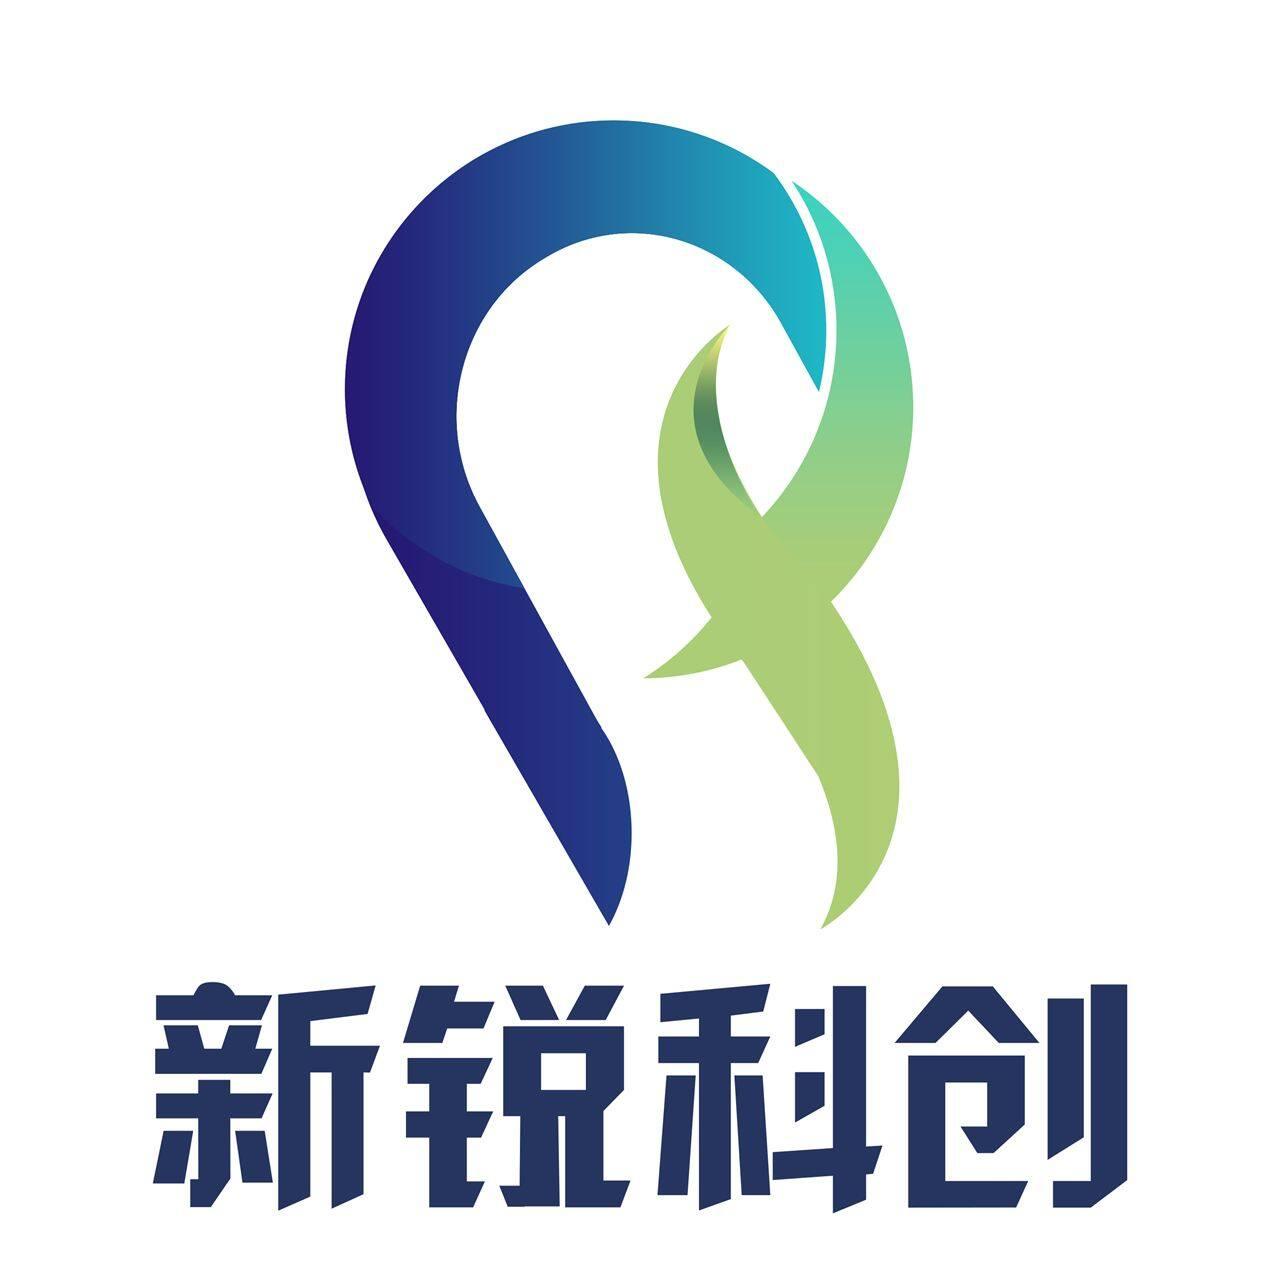 北京新锐科创科技有限公司